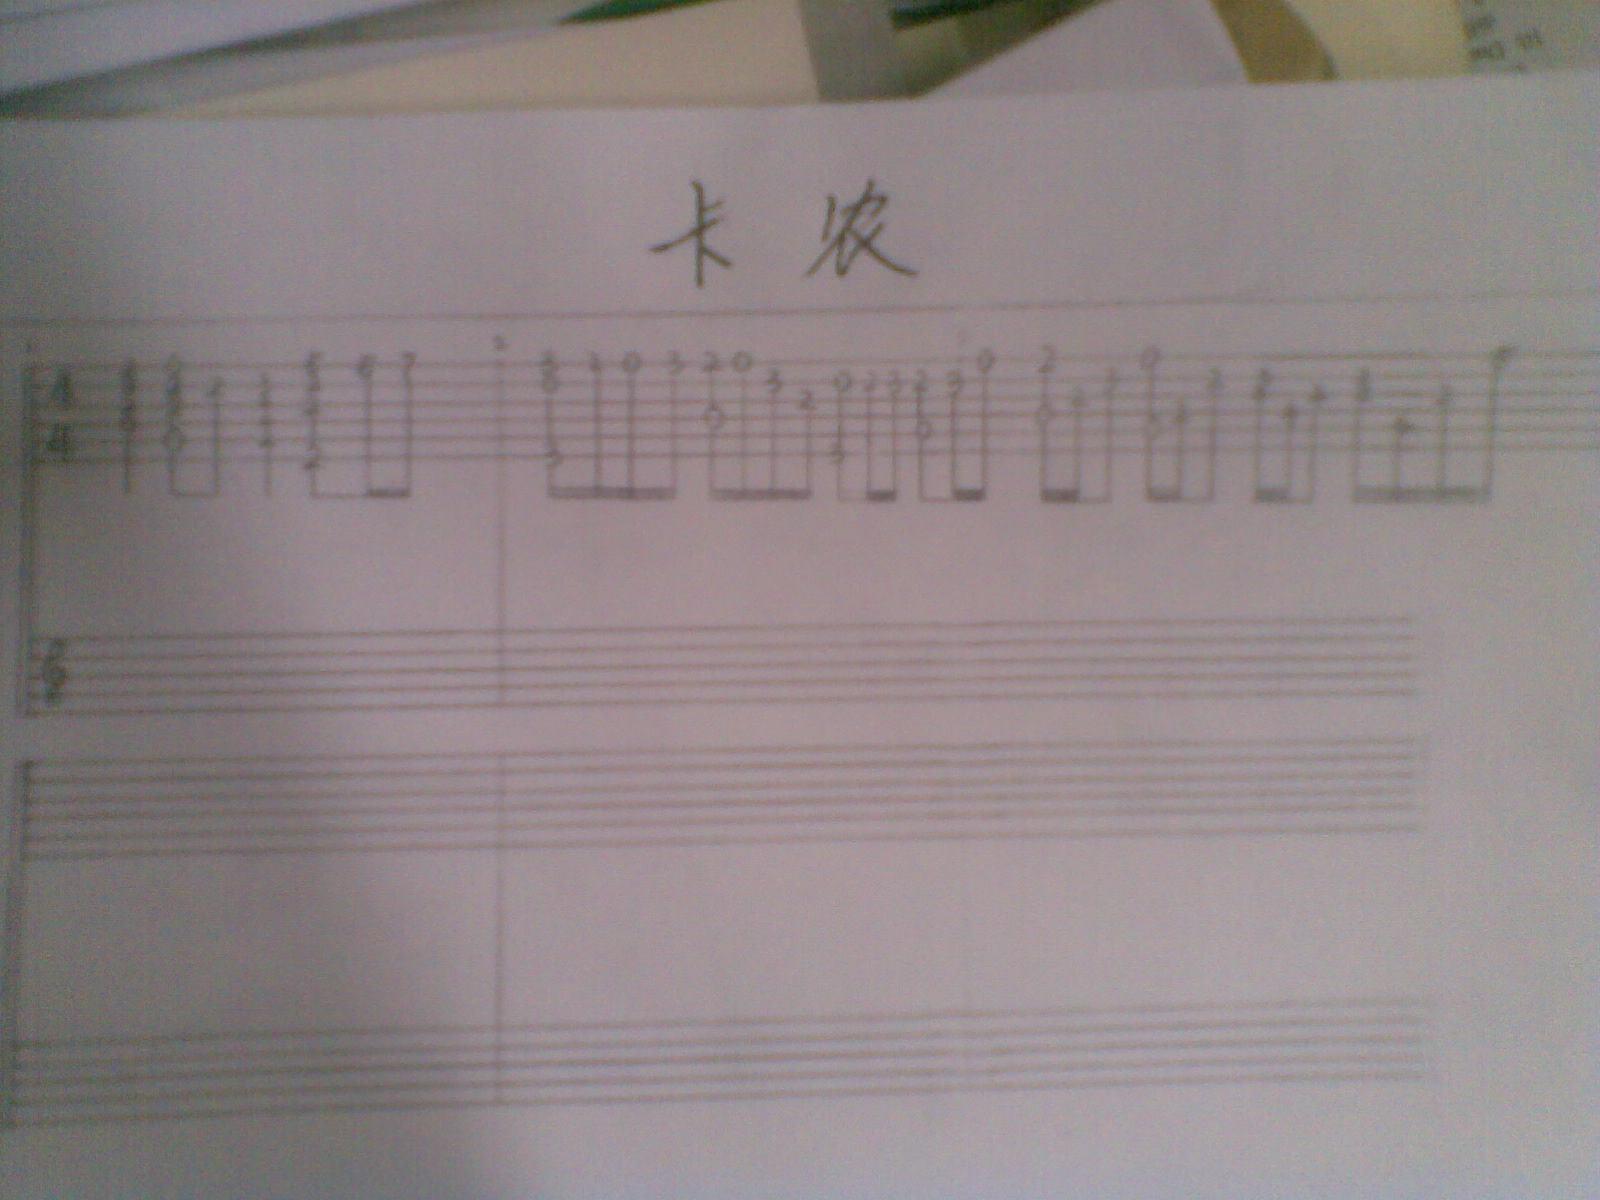 ![cdata[谁有空白的吉他谱图片